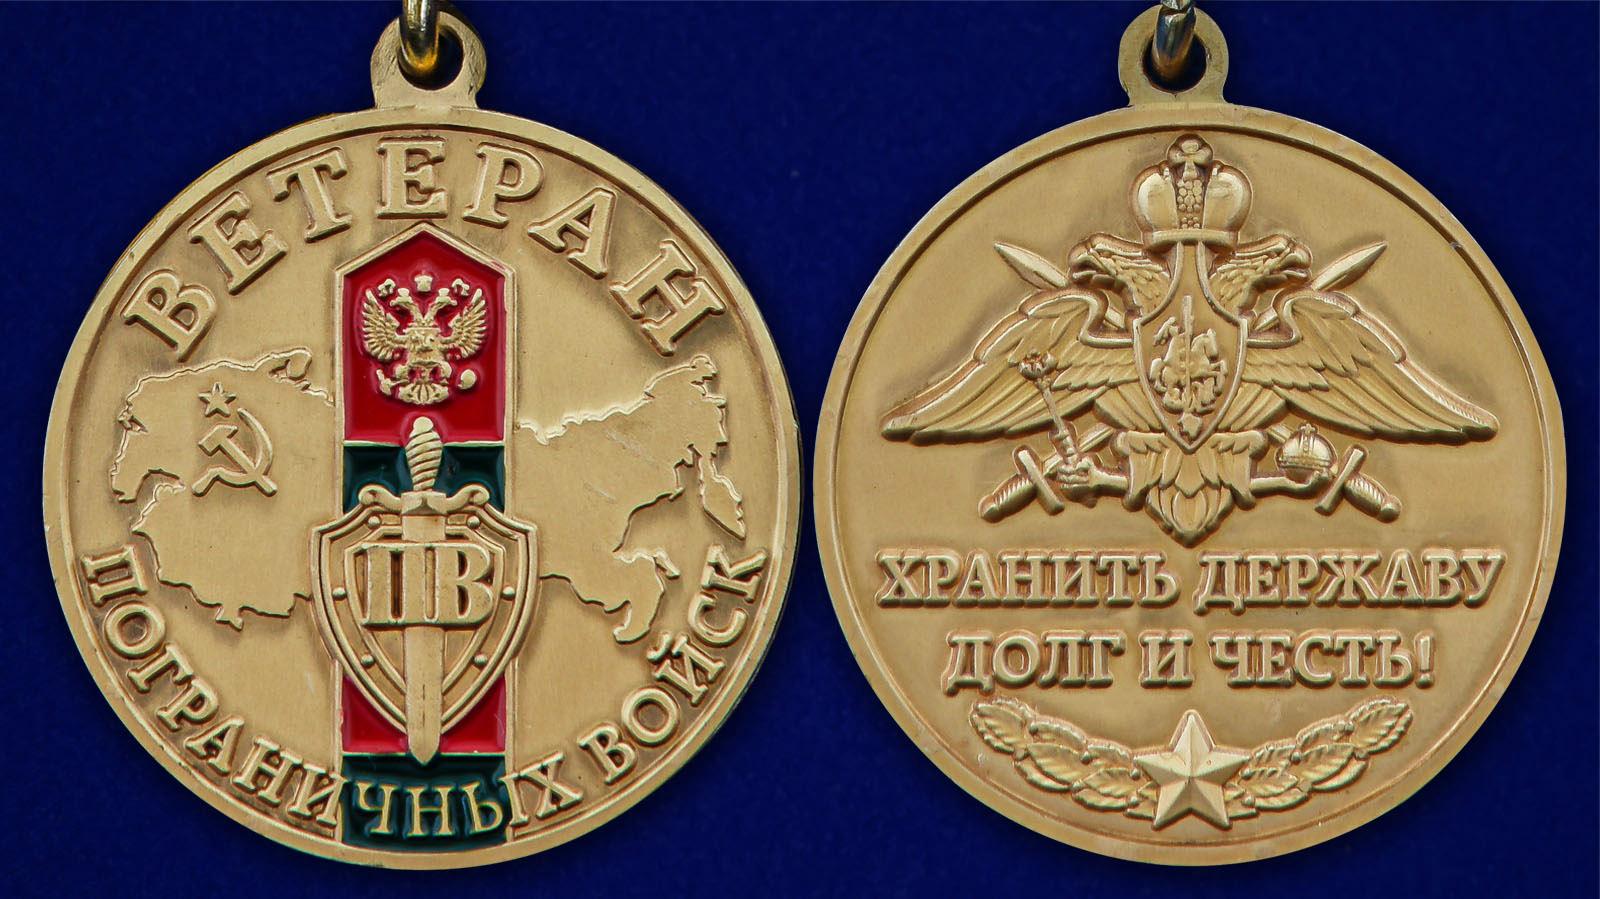 Памятная медаль Ветерану Пограничных войск - аверс и реверс